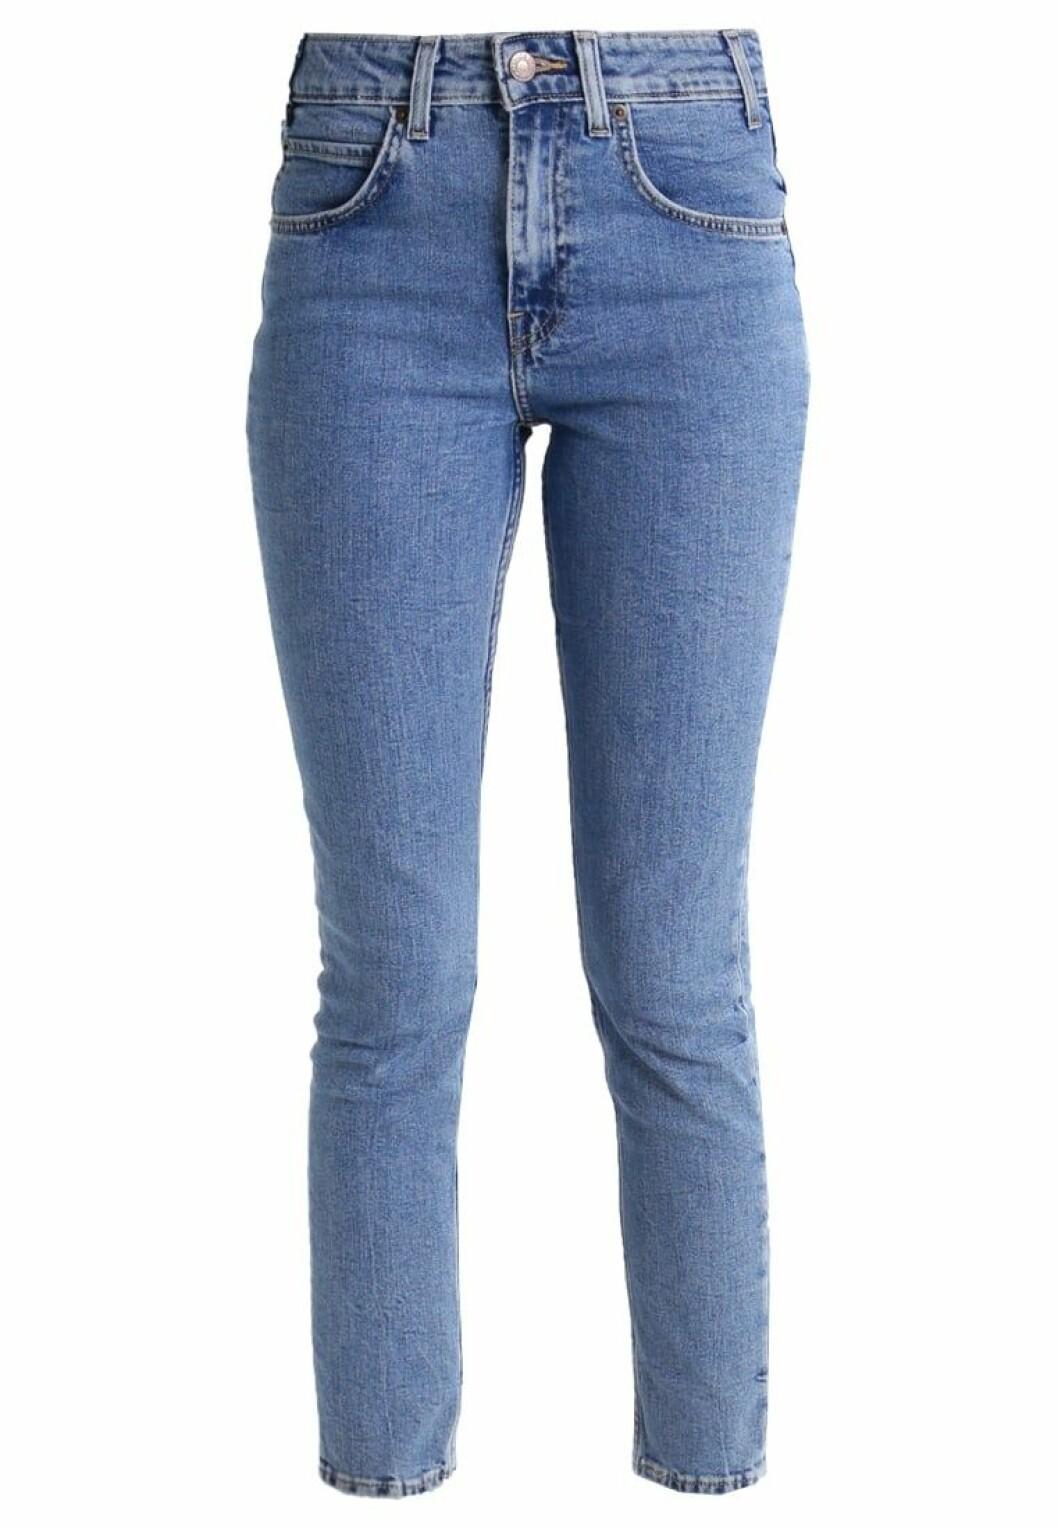 levis jeans 2017